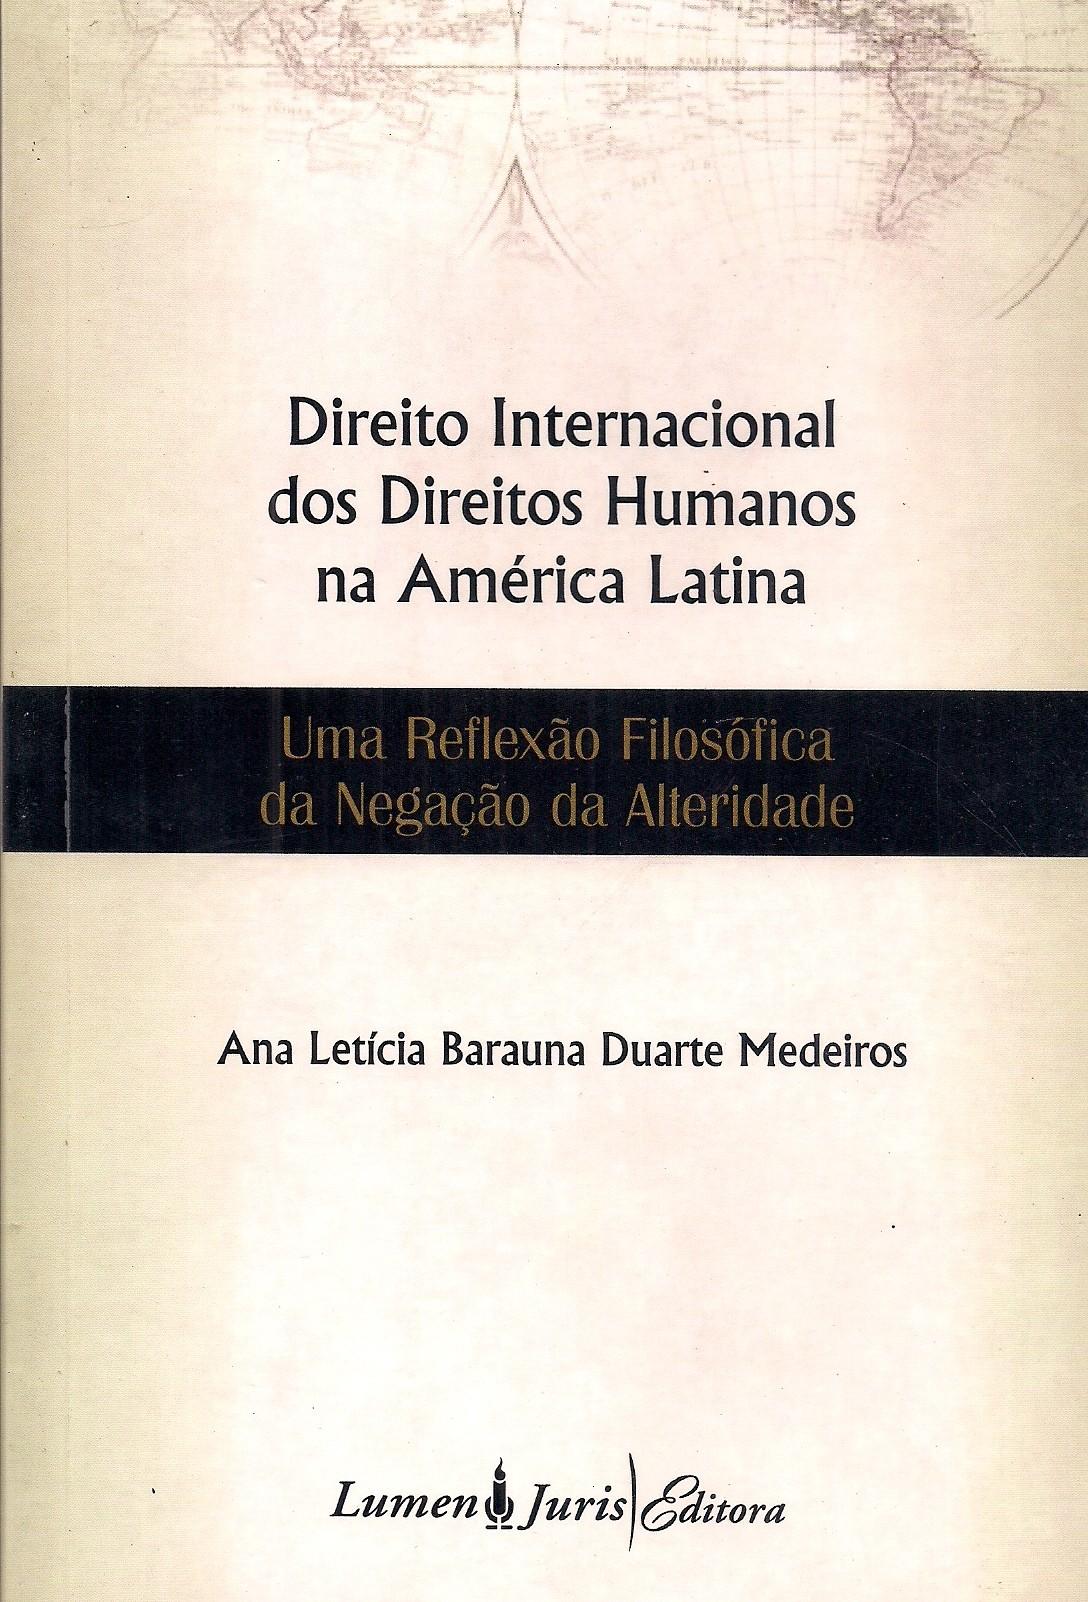 Foto 1 - Direito Internacional dos Direitos Humanos na América Latina